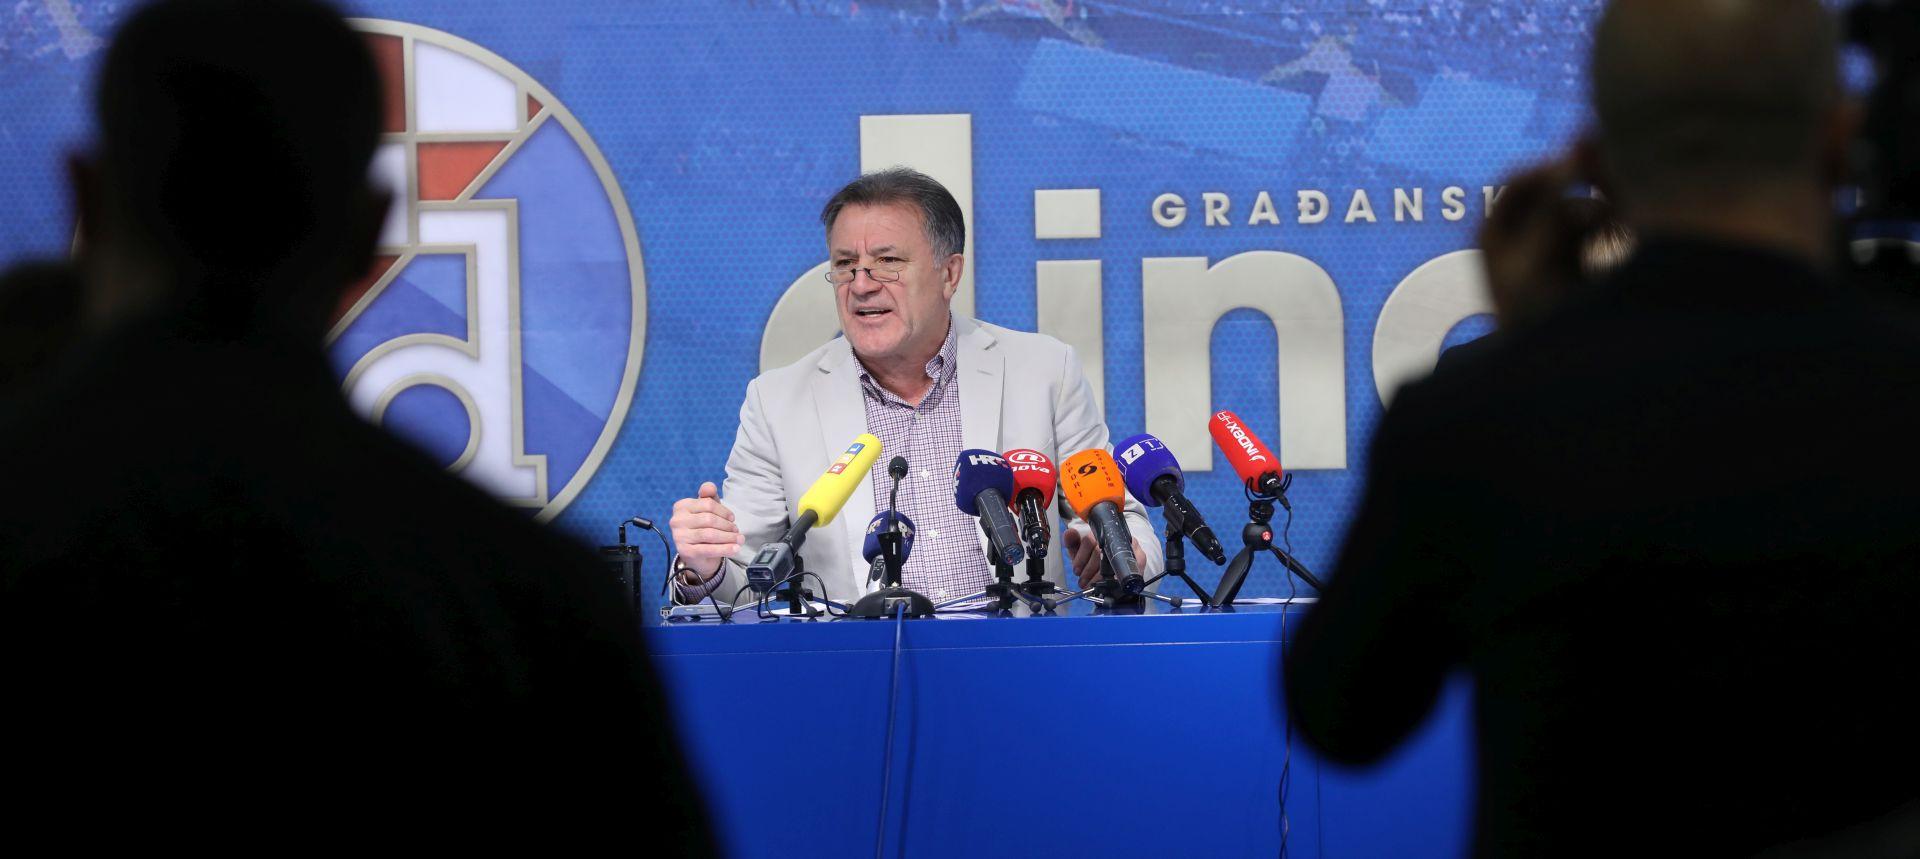 Ministarstvo pravosuđa uputilo zahtjev za izručenjem Zdravka Mamića